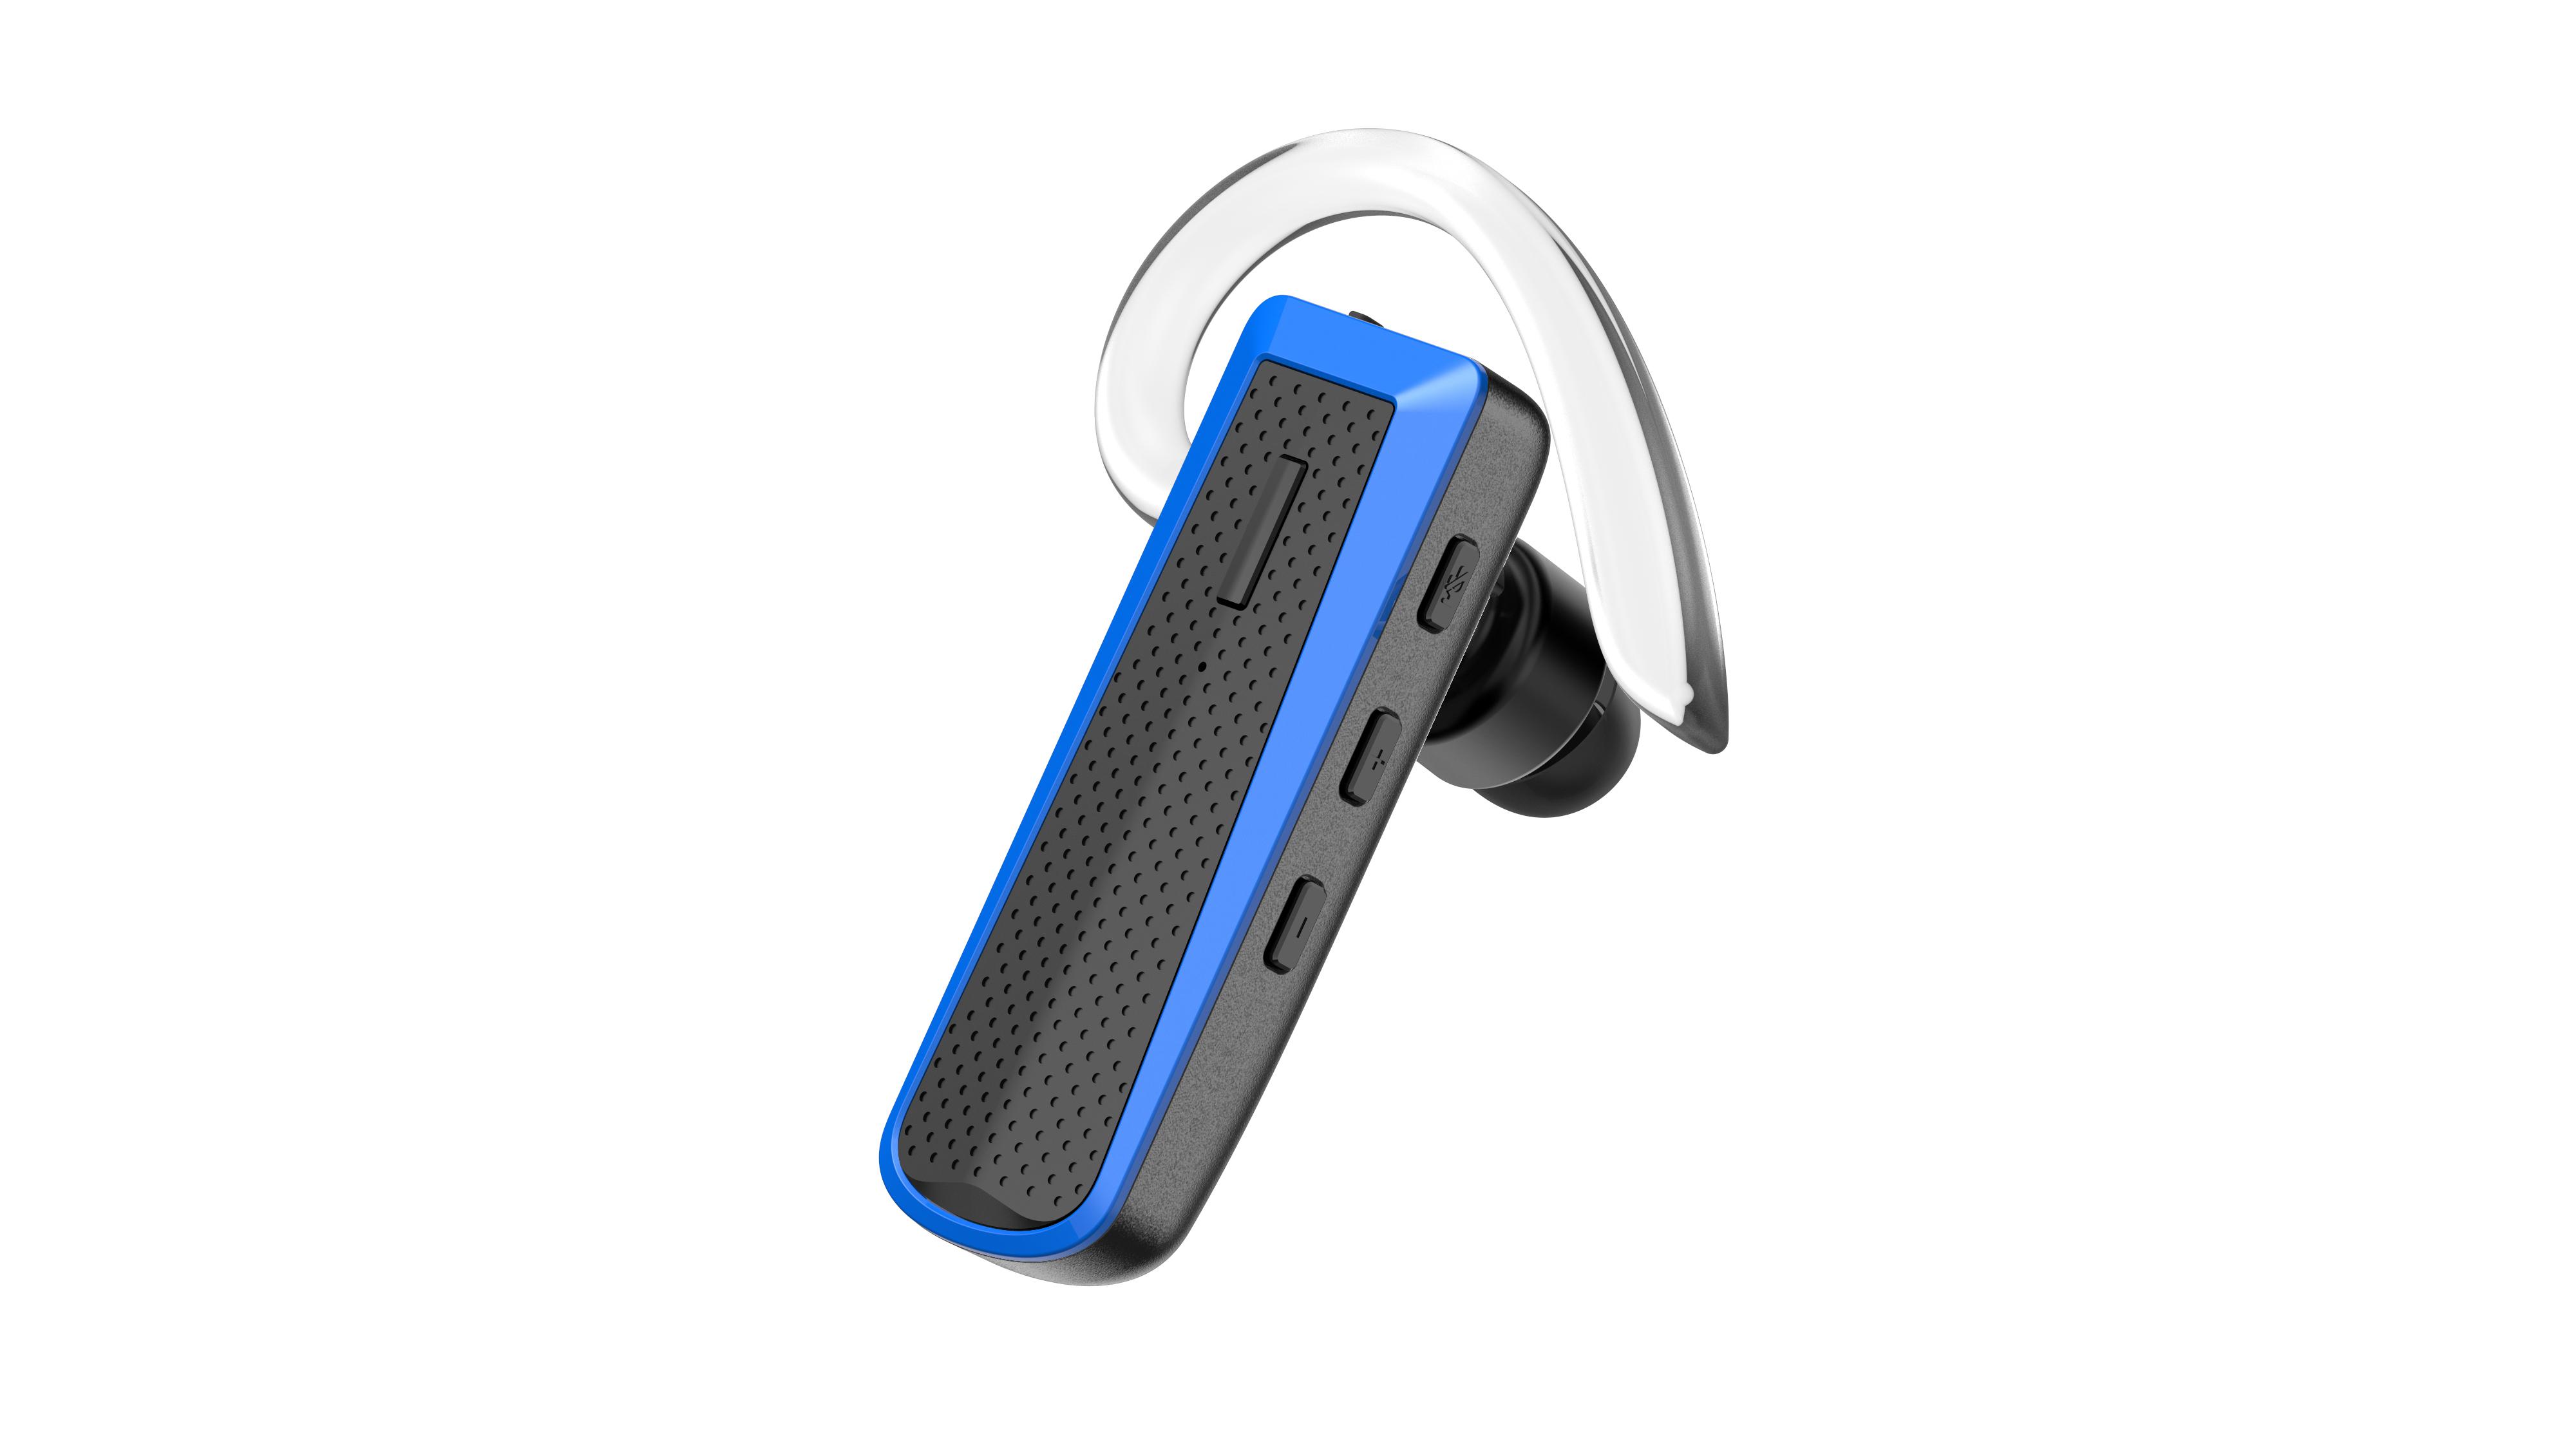 happyset Blue - Bluetooth Headset Blau für 2 Geräte gleichzeitig Handy Smartphone iPhone universal